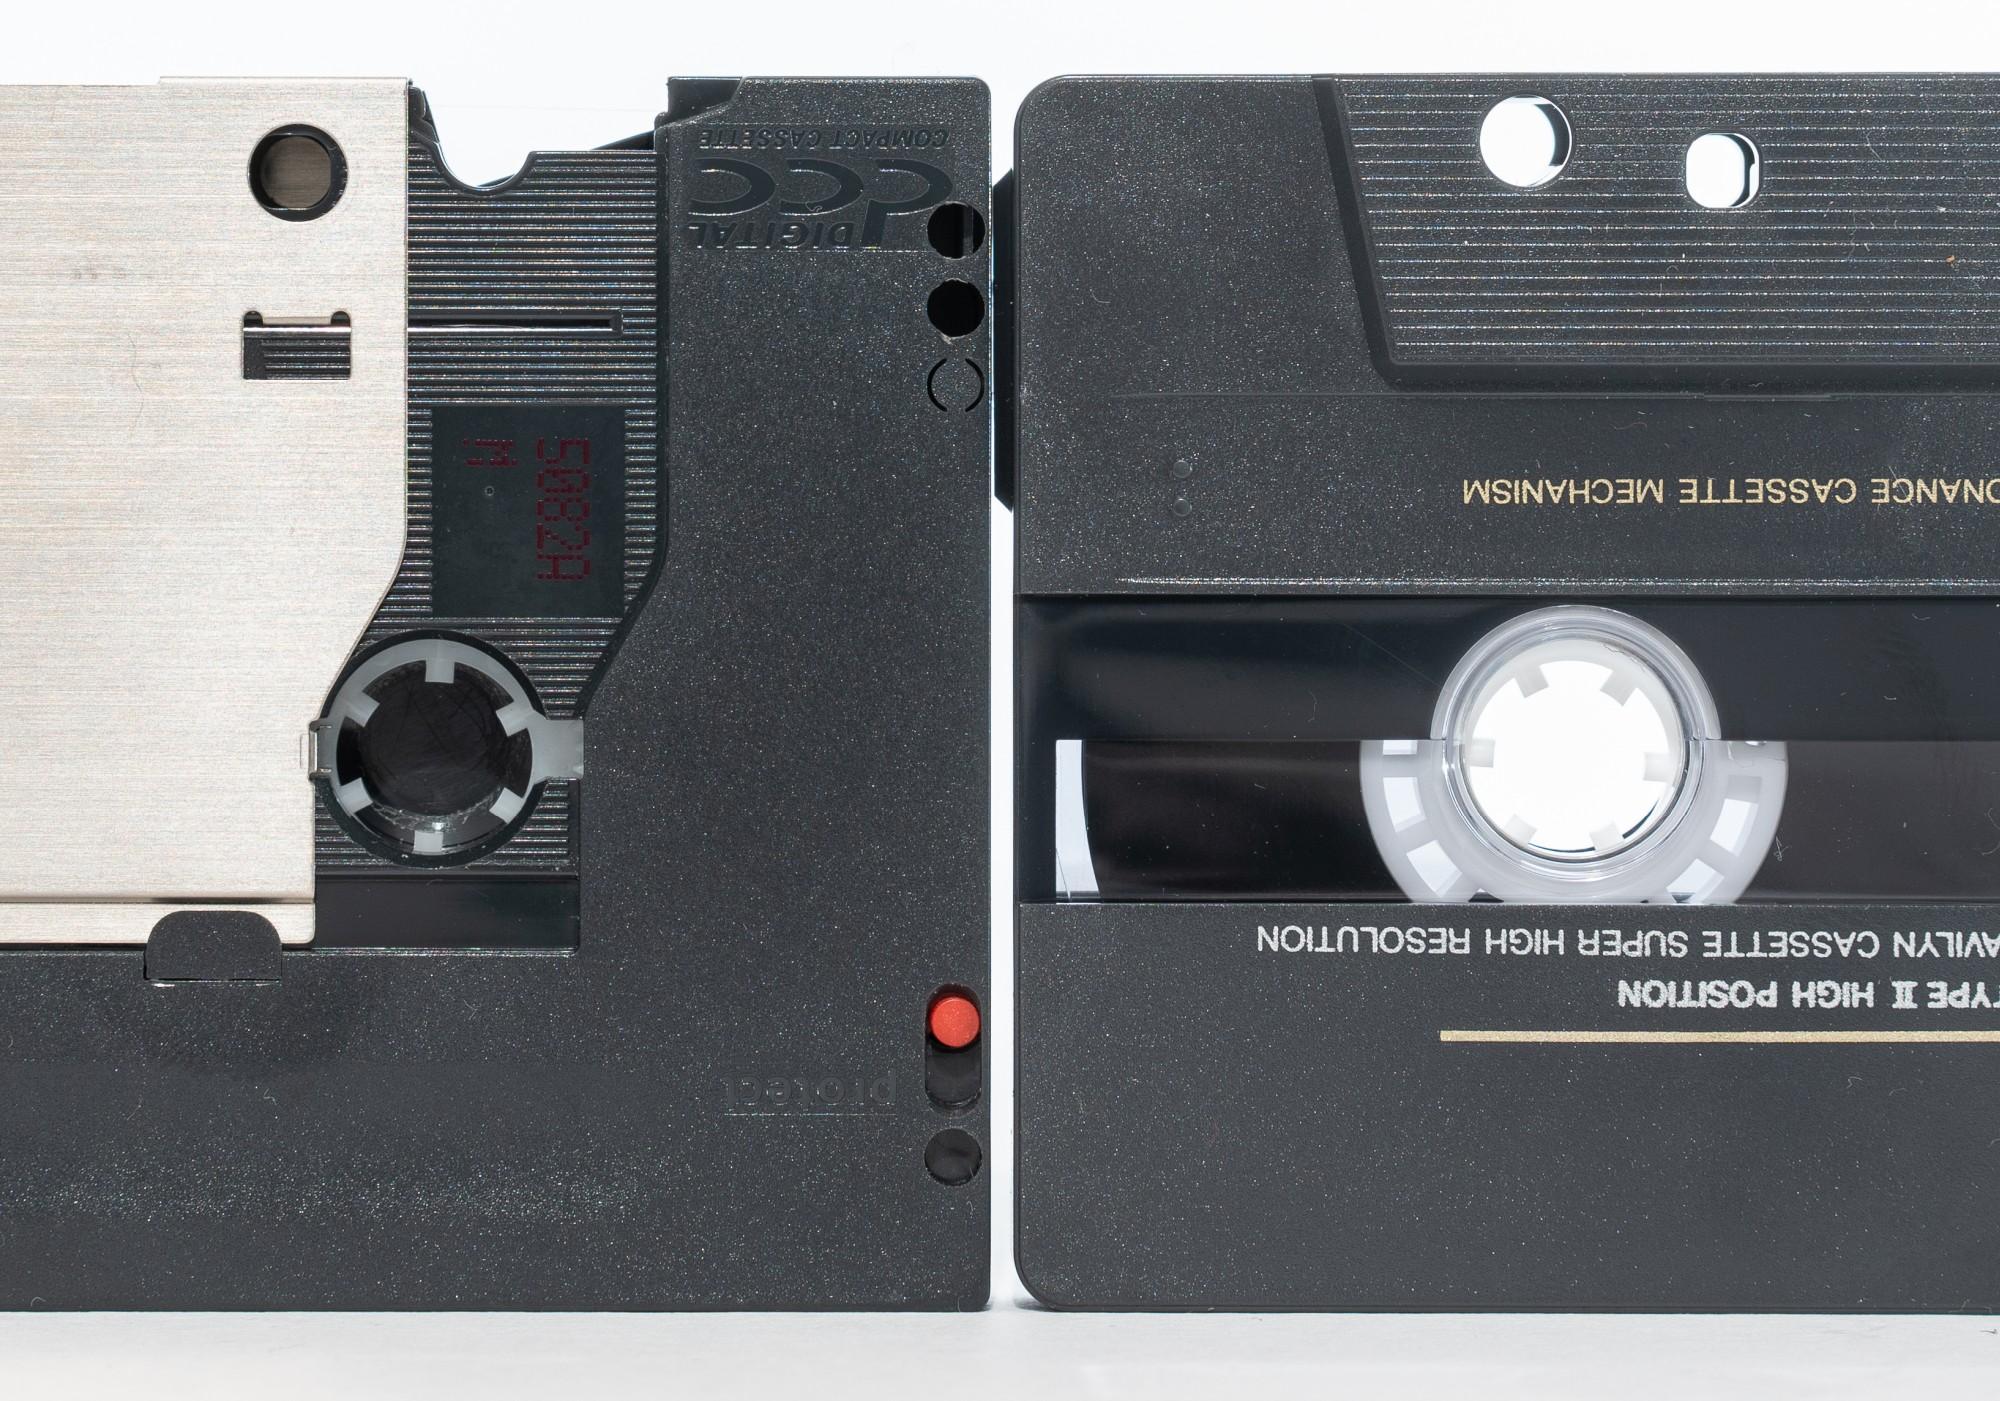 Древности: цифровая кассета как аудиофильский формат